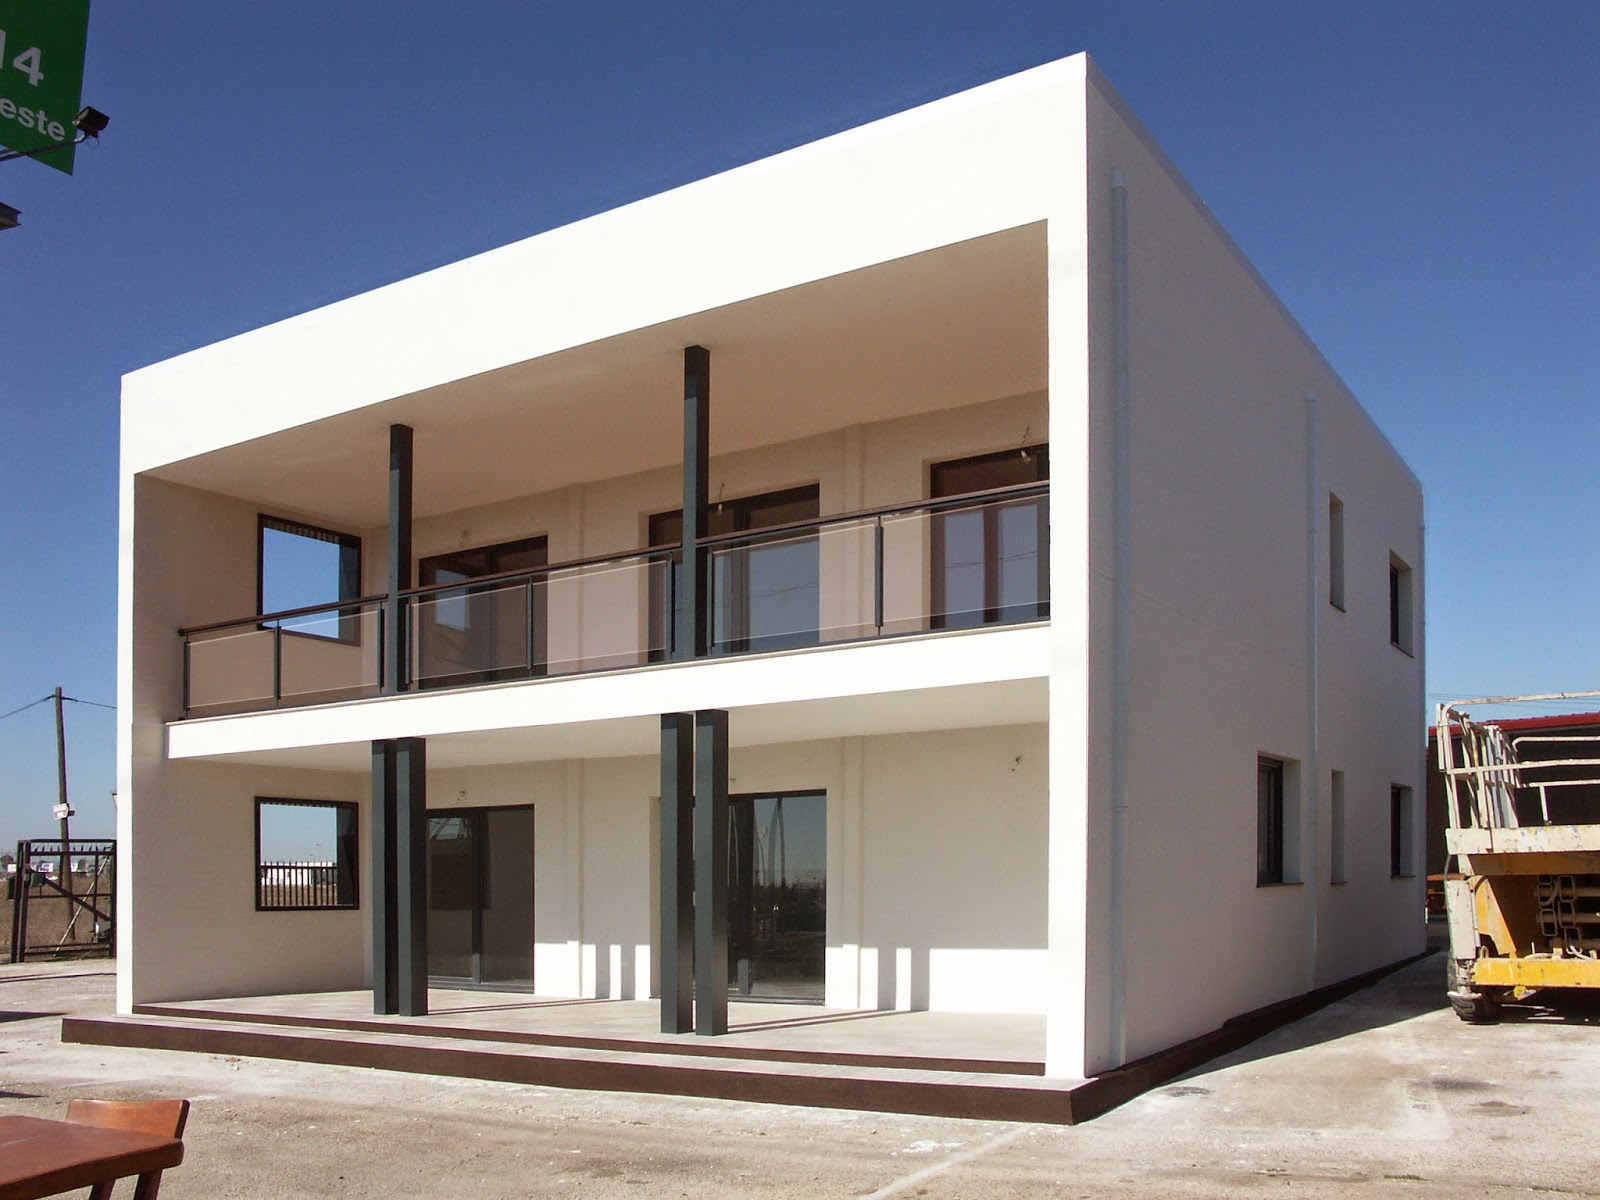 Acerormigon qcasa madrid bienvenidos al blog de casas - Casas prefabricadas contenedores ...